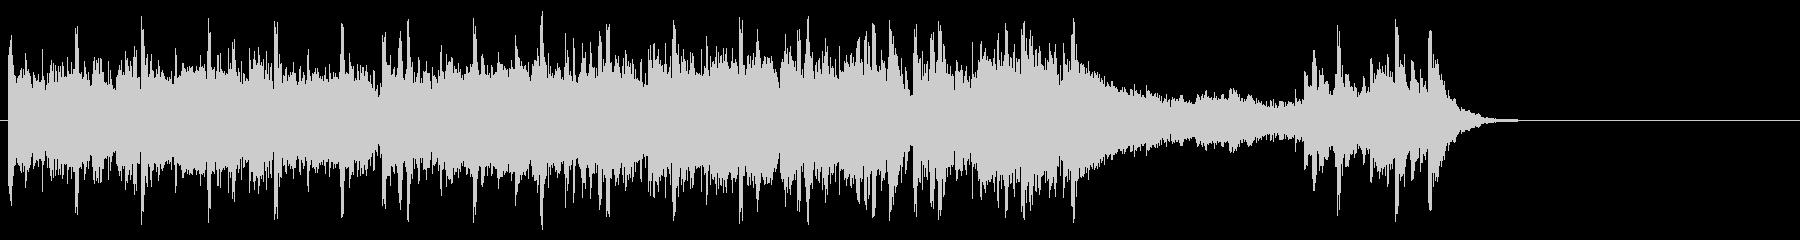 軽快なフュージョン(サビ~エンディング)の未再生の波形